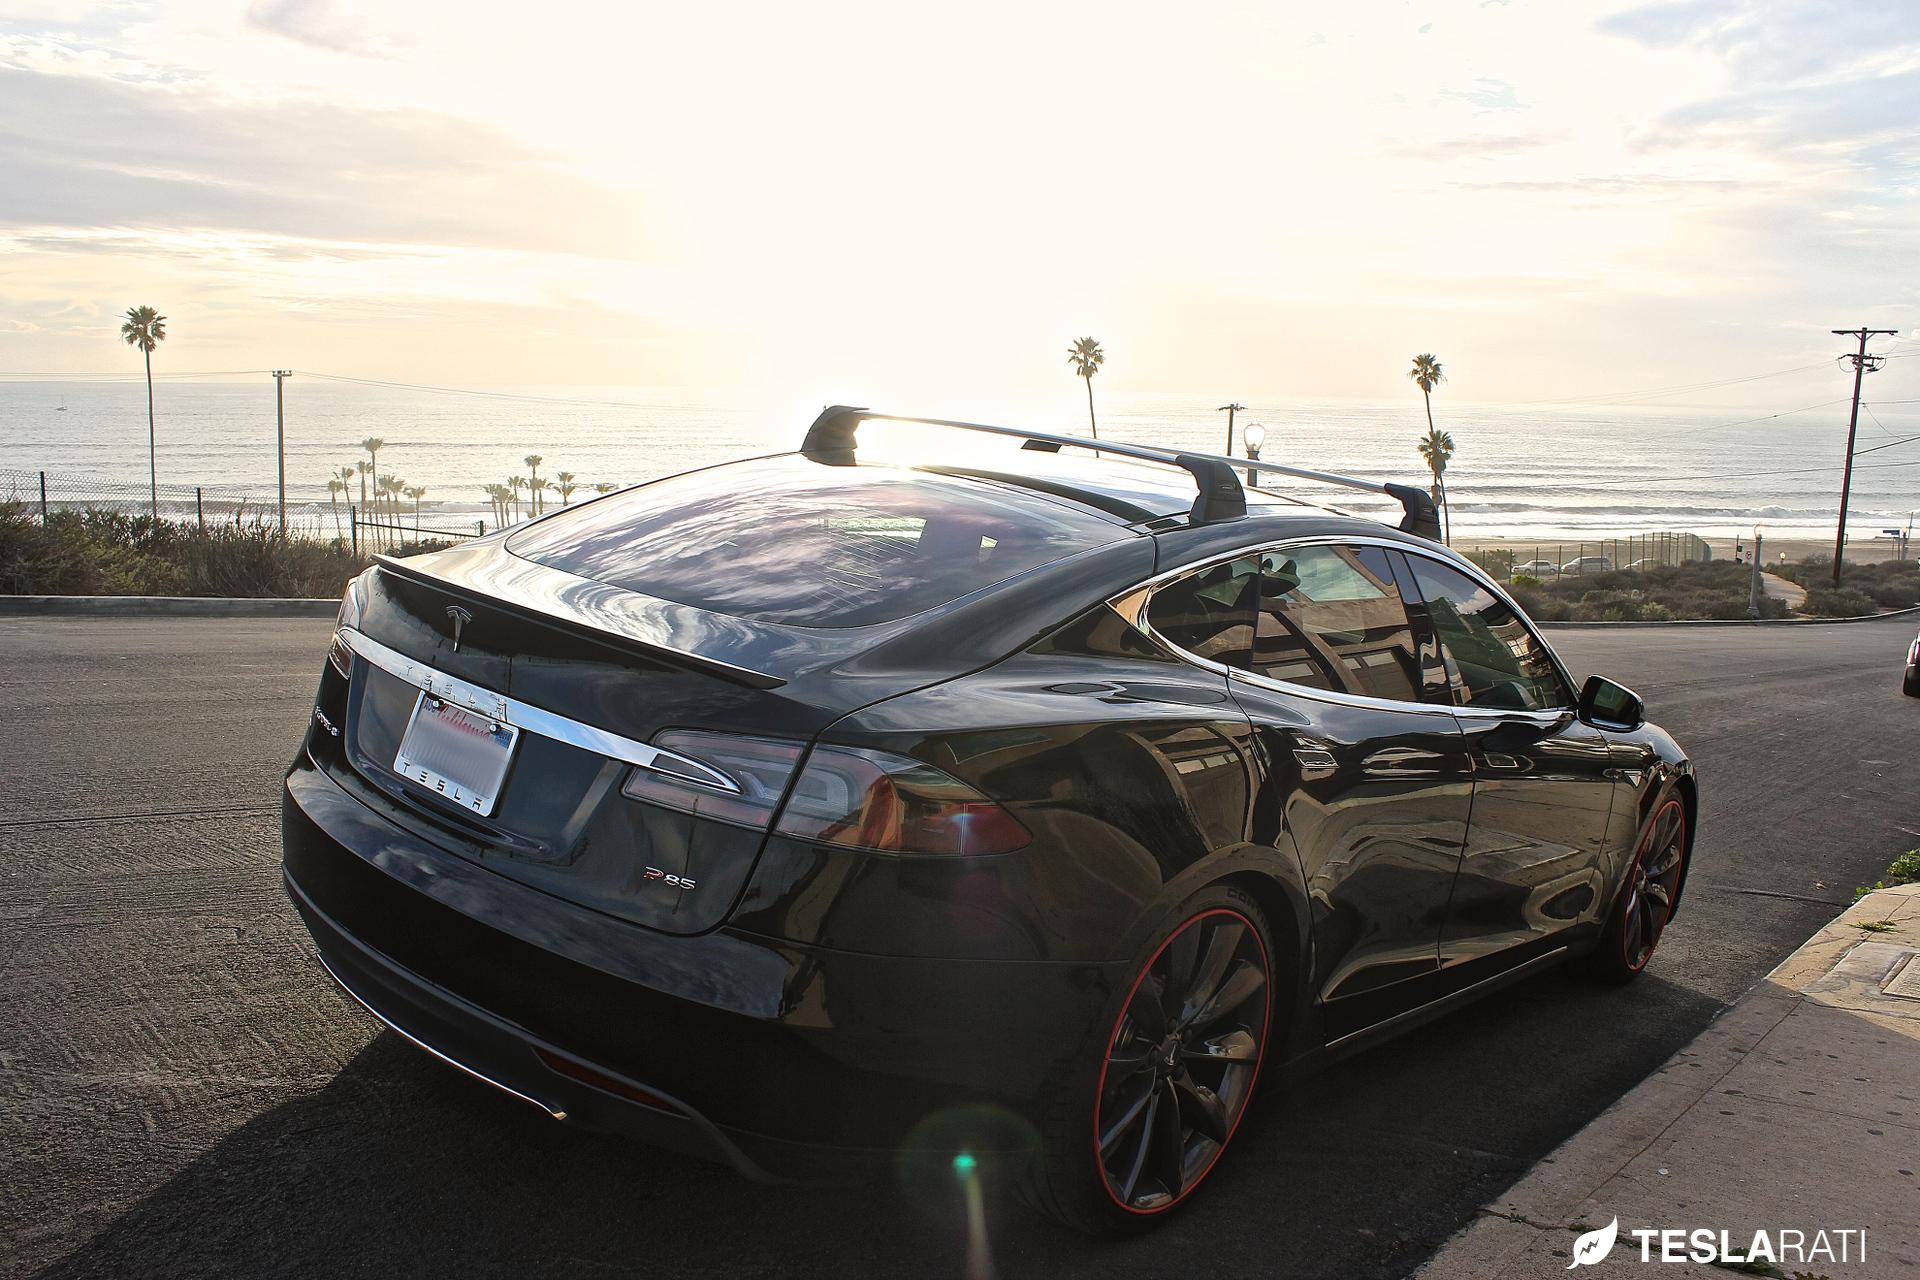 Tesla Model 3 Roof Rack System Spotted New Car Delivered